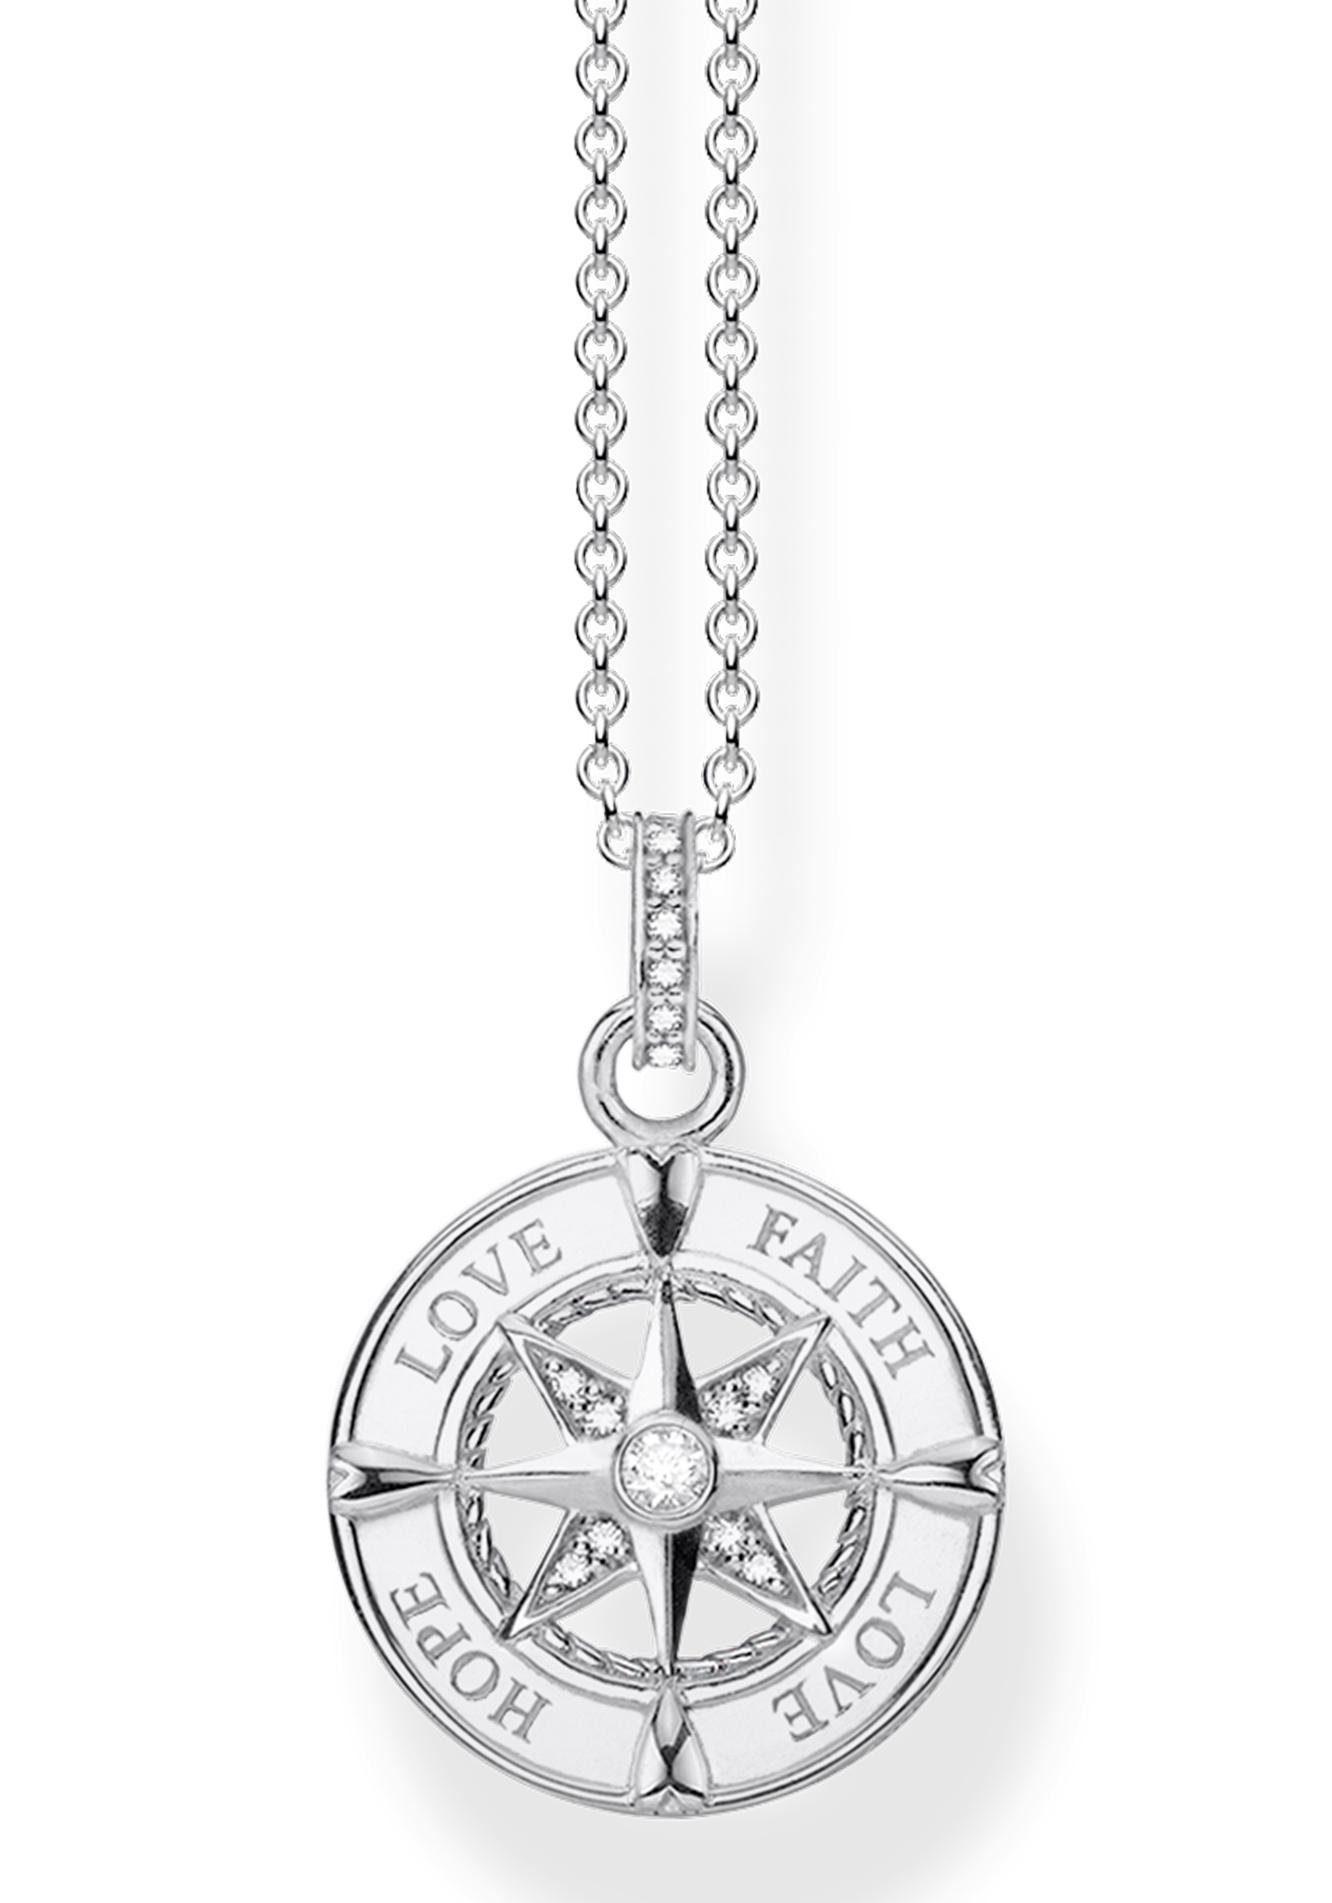 THOMAS SABO Kette mit Anhänger »Kompass, Glaube, Liebe, Hoffnung, KE1849-051-14-L45v« mit Zirkonia